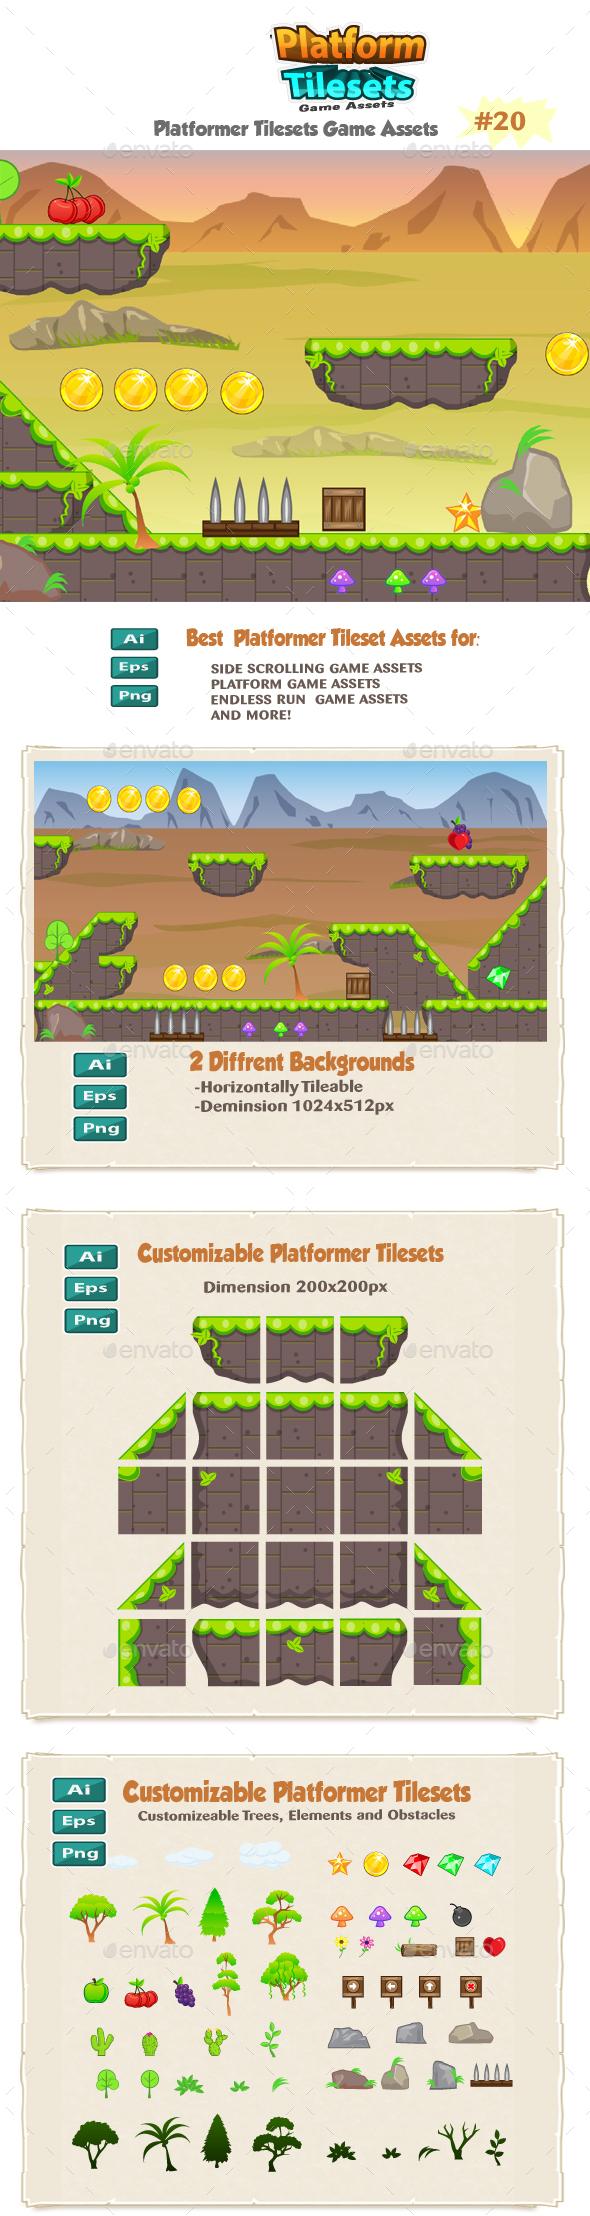 Landscape Platformer Game Tilesets 20 - Tilesets Game Assets